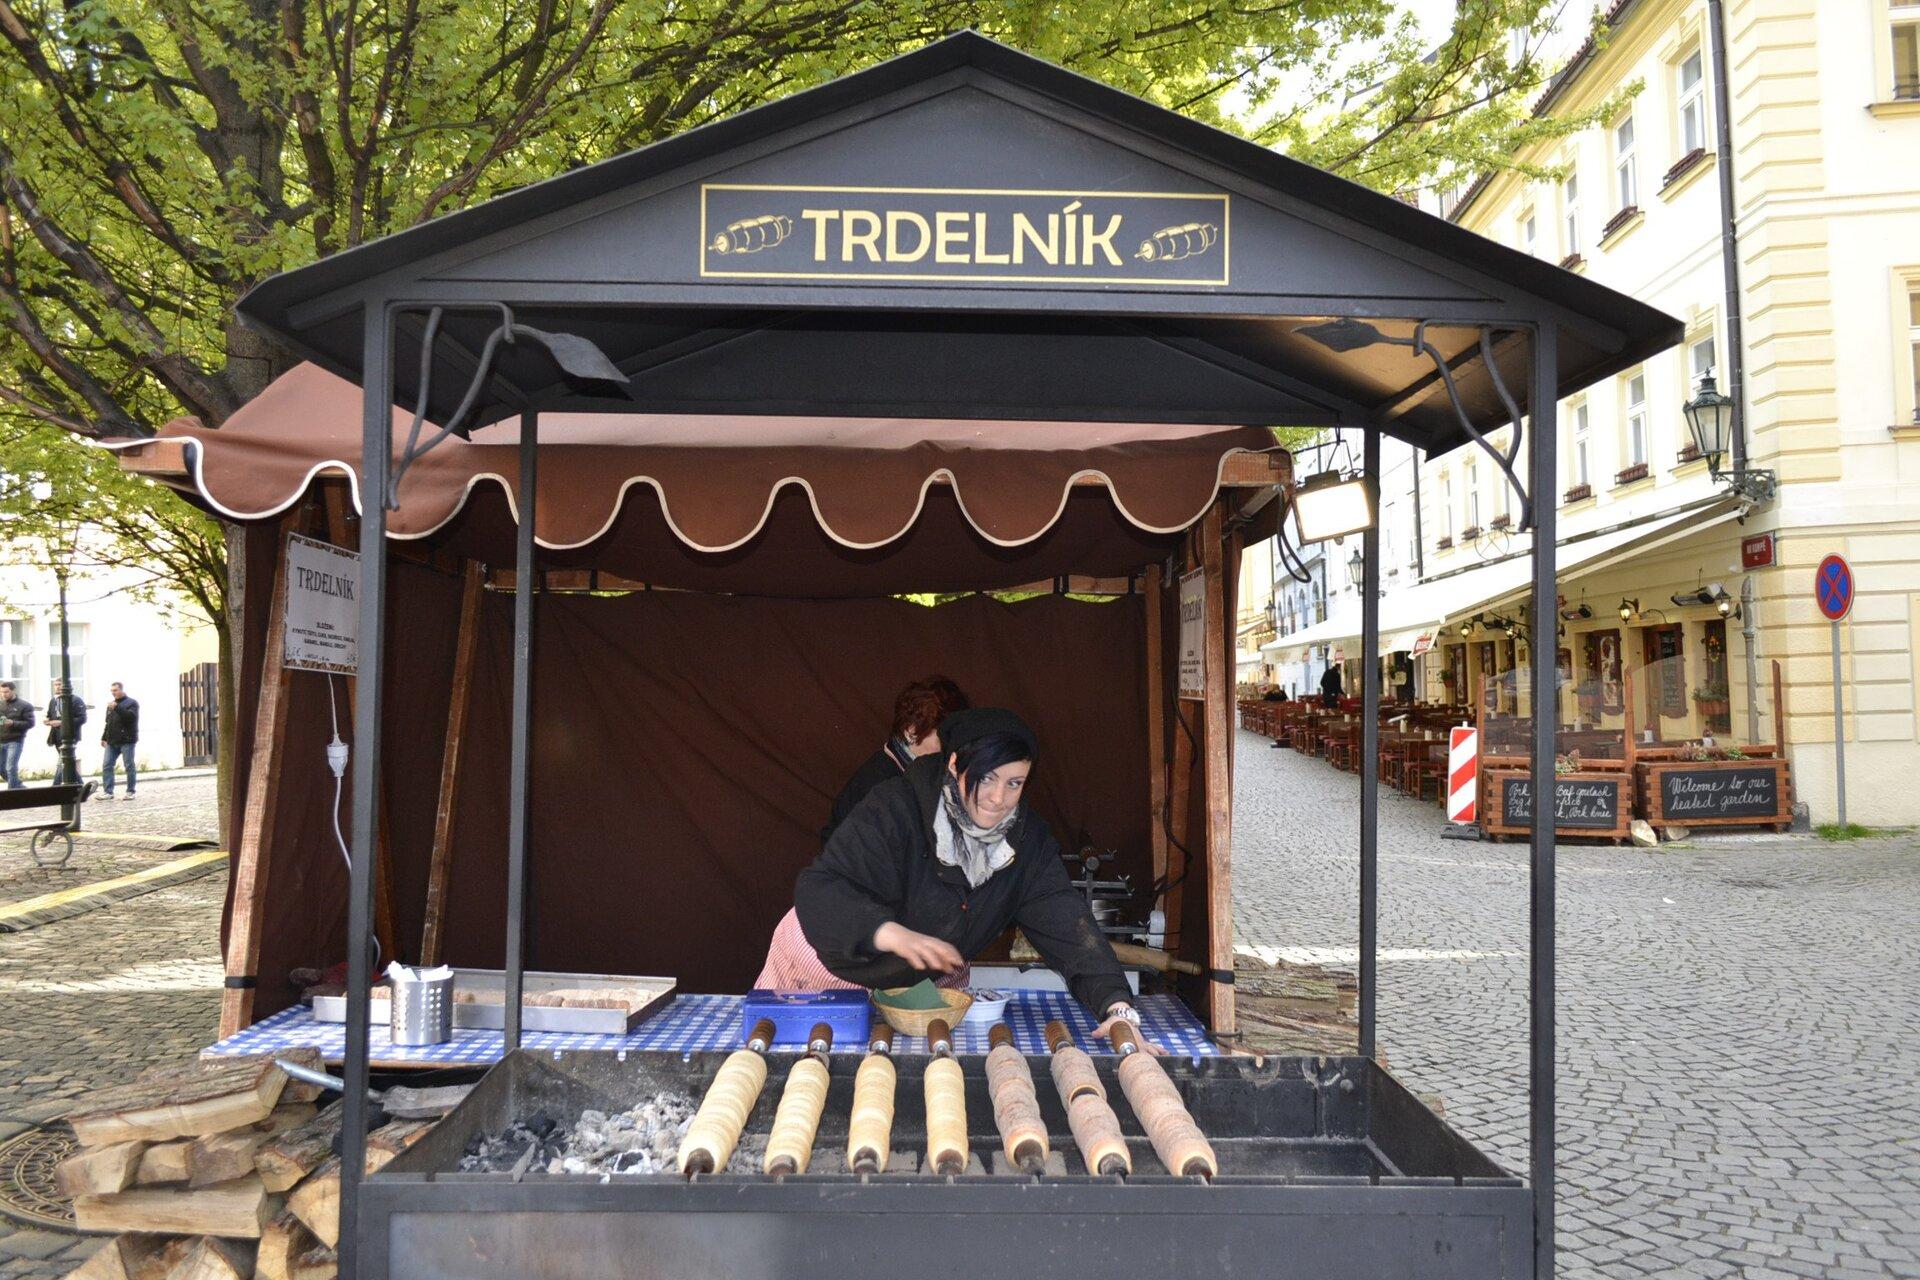 Barraca que serve o trdelník, tradicional doce tcheco